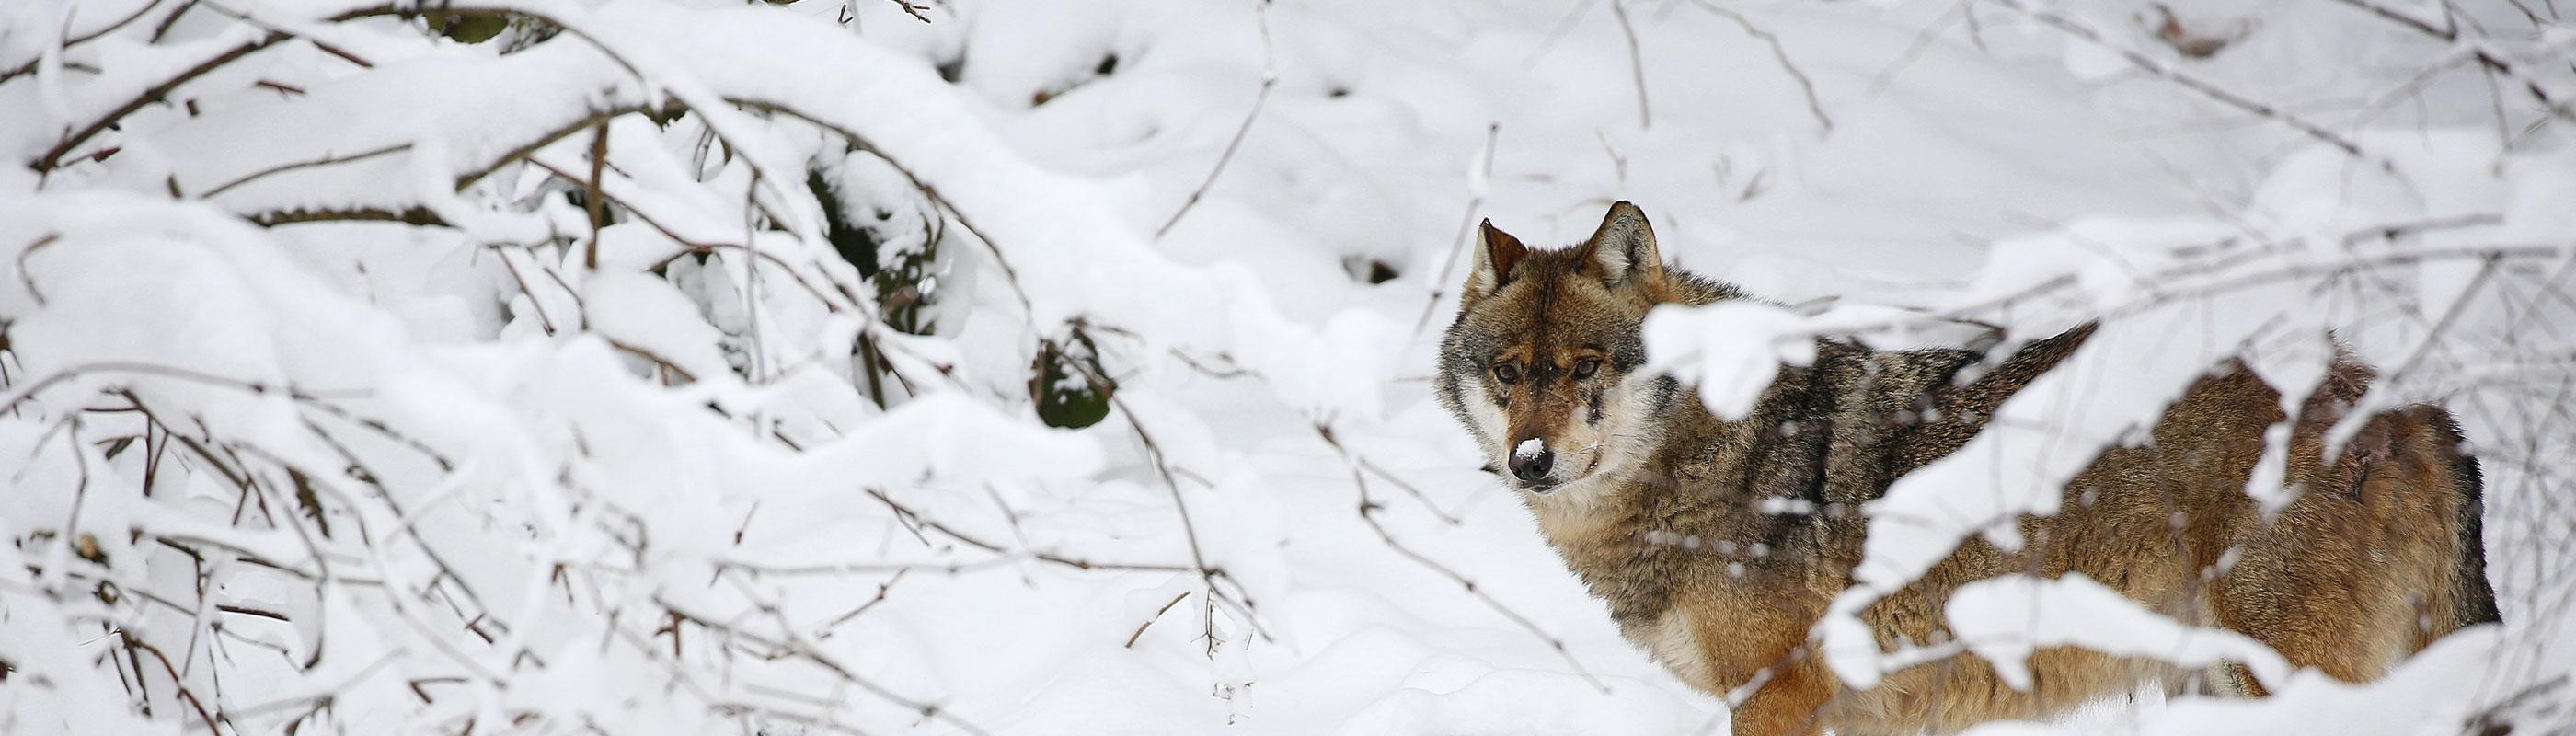 Dierenfotografiereizen-slider